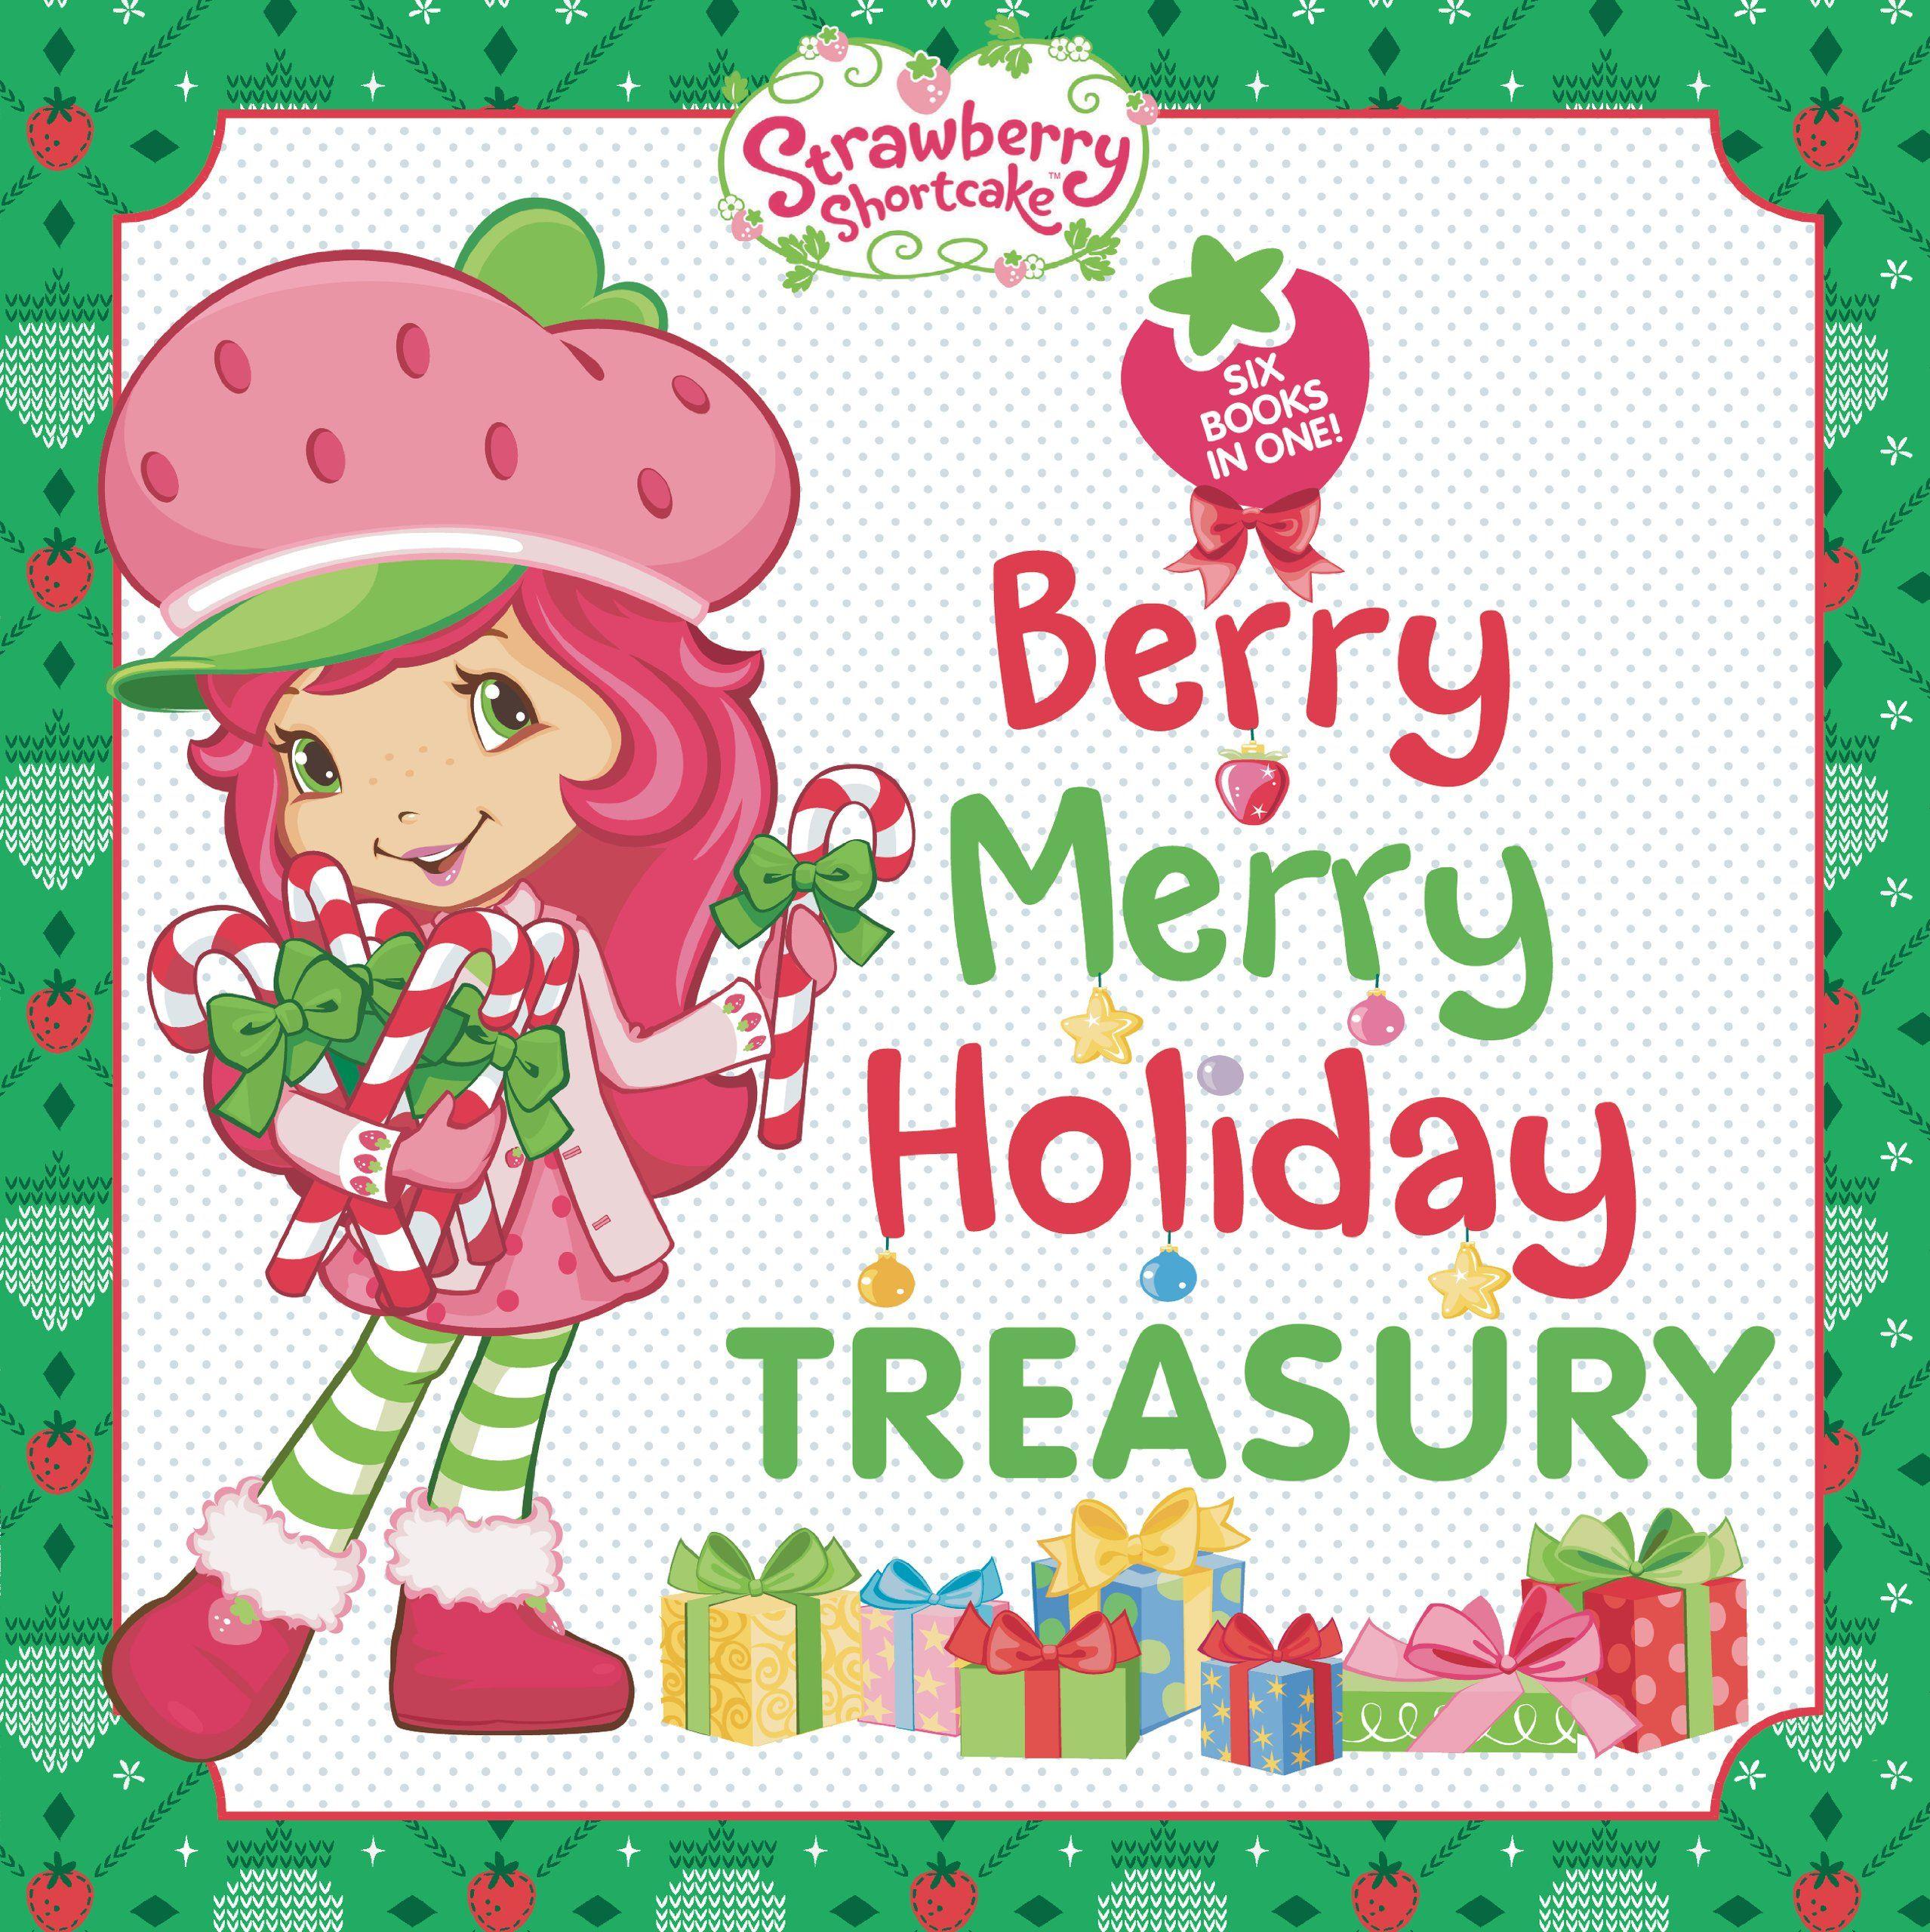 Uncategorized Strawberry Shortcake Christmas berry merry holiday treasury strawberry shortcake new shortcake